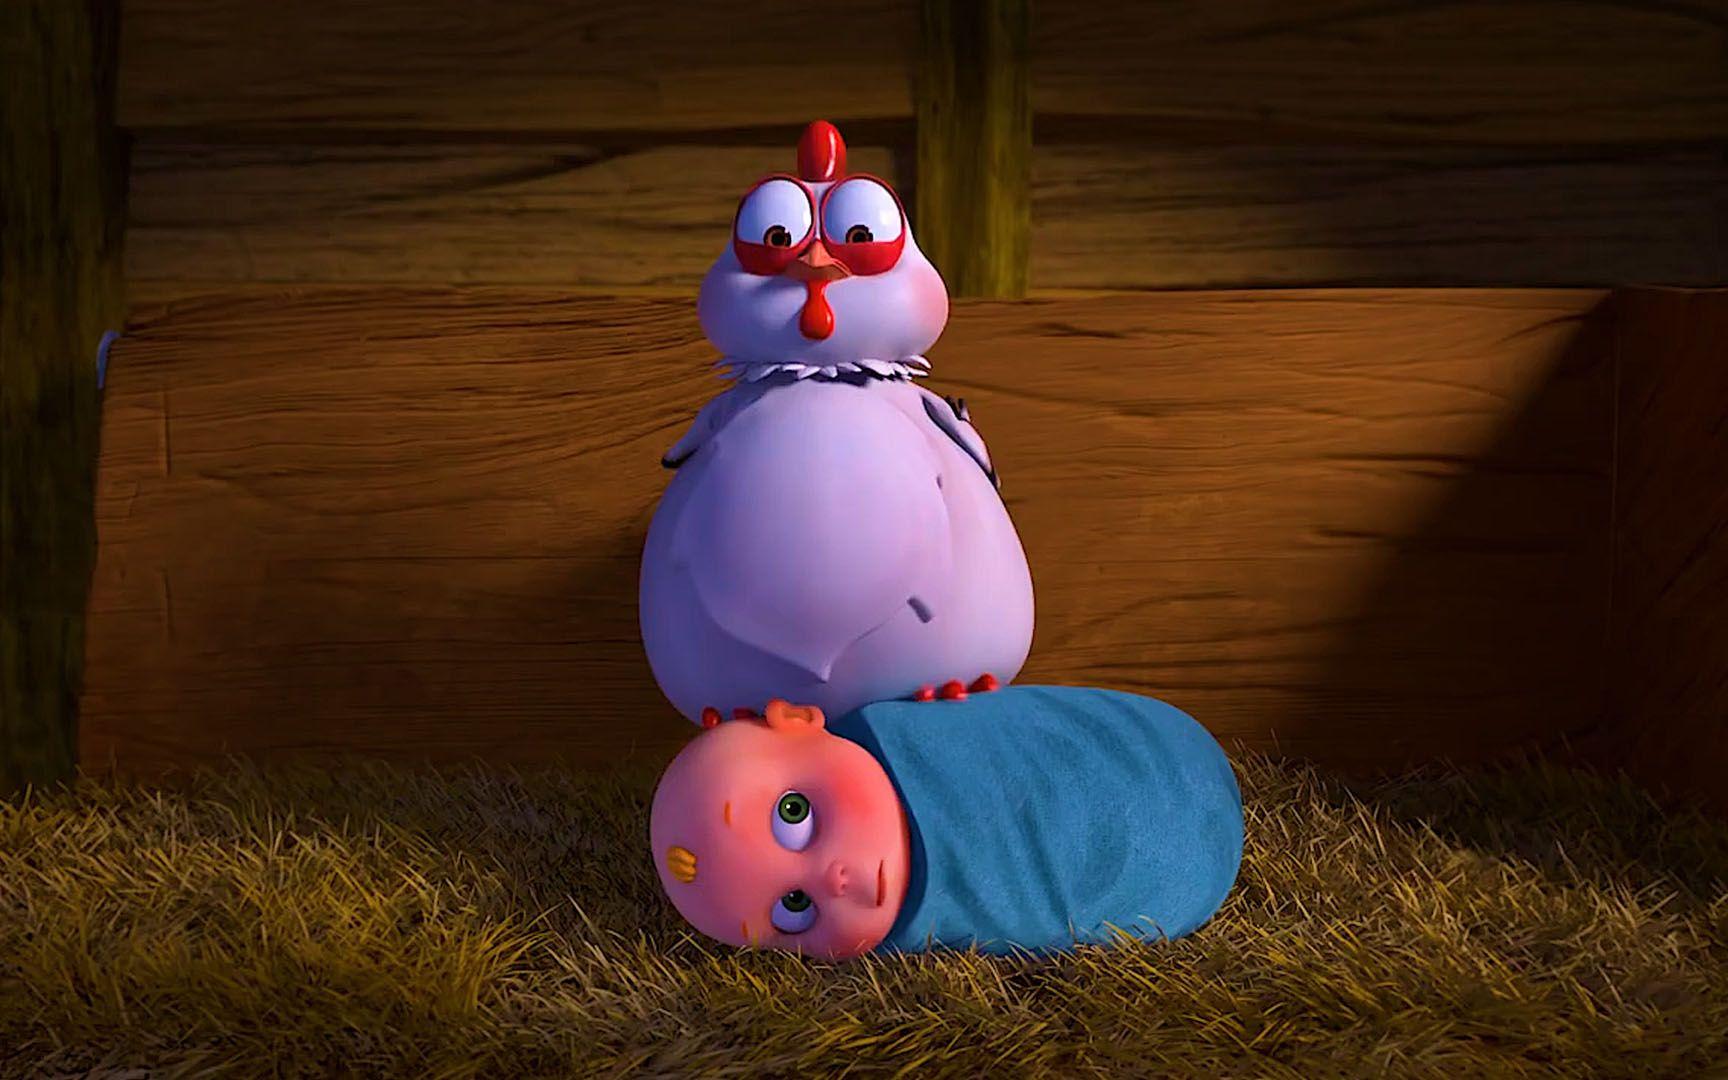 动画:女孩抢走母鸡下的蛋,母鸡为了报复,也抢走了她的孩子!